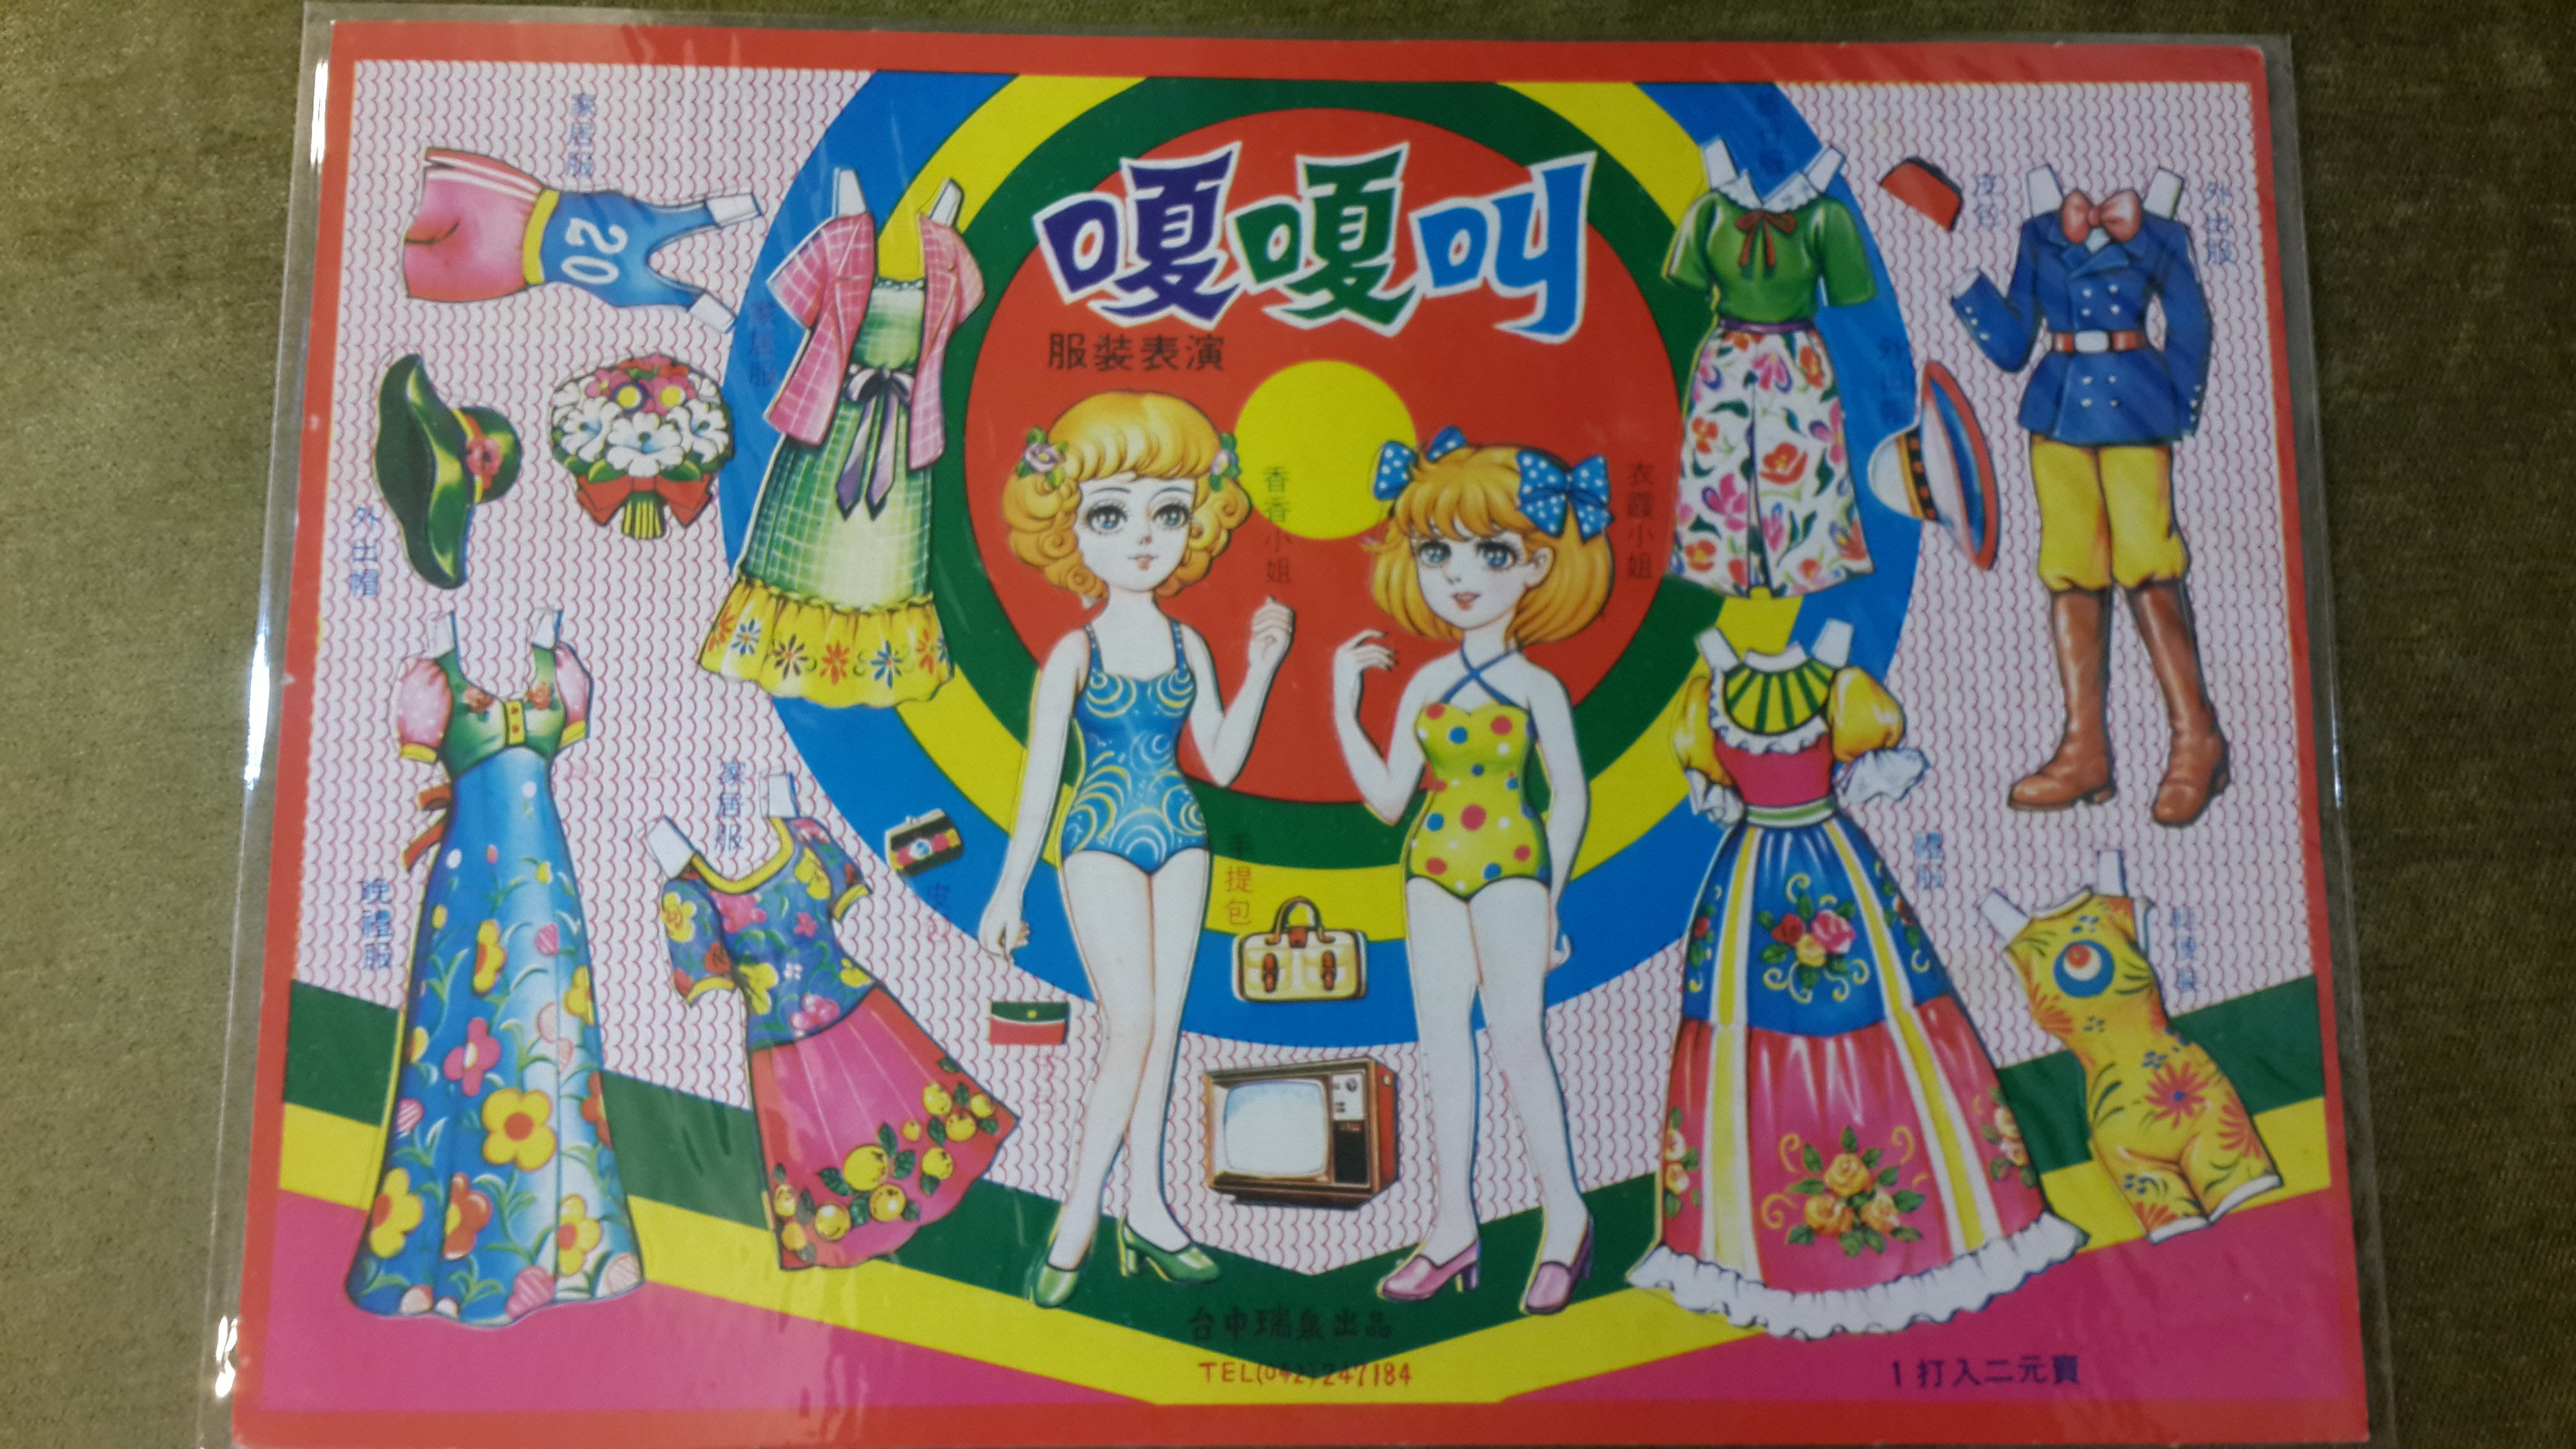 【五六年級童樂會】 早期絕版紙娃娃 服裝表演 口夏口夏叫 台中電話區碼(042)時期(中)80010